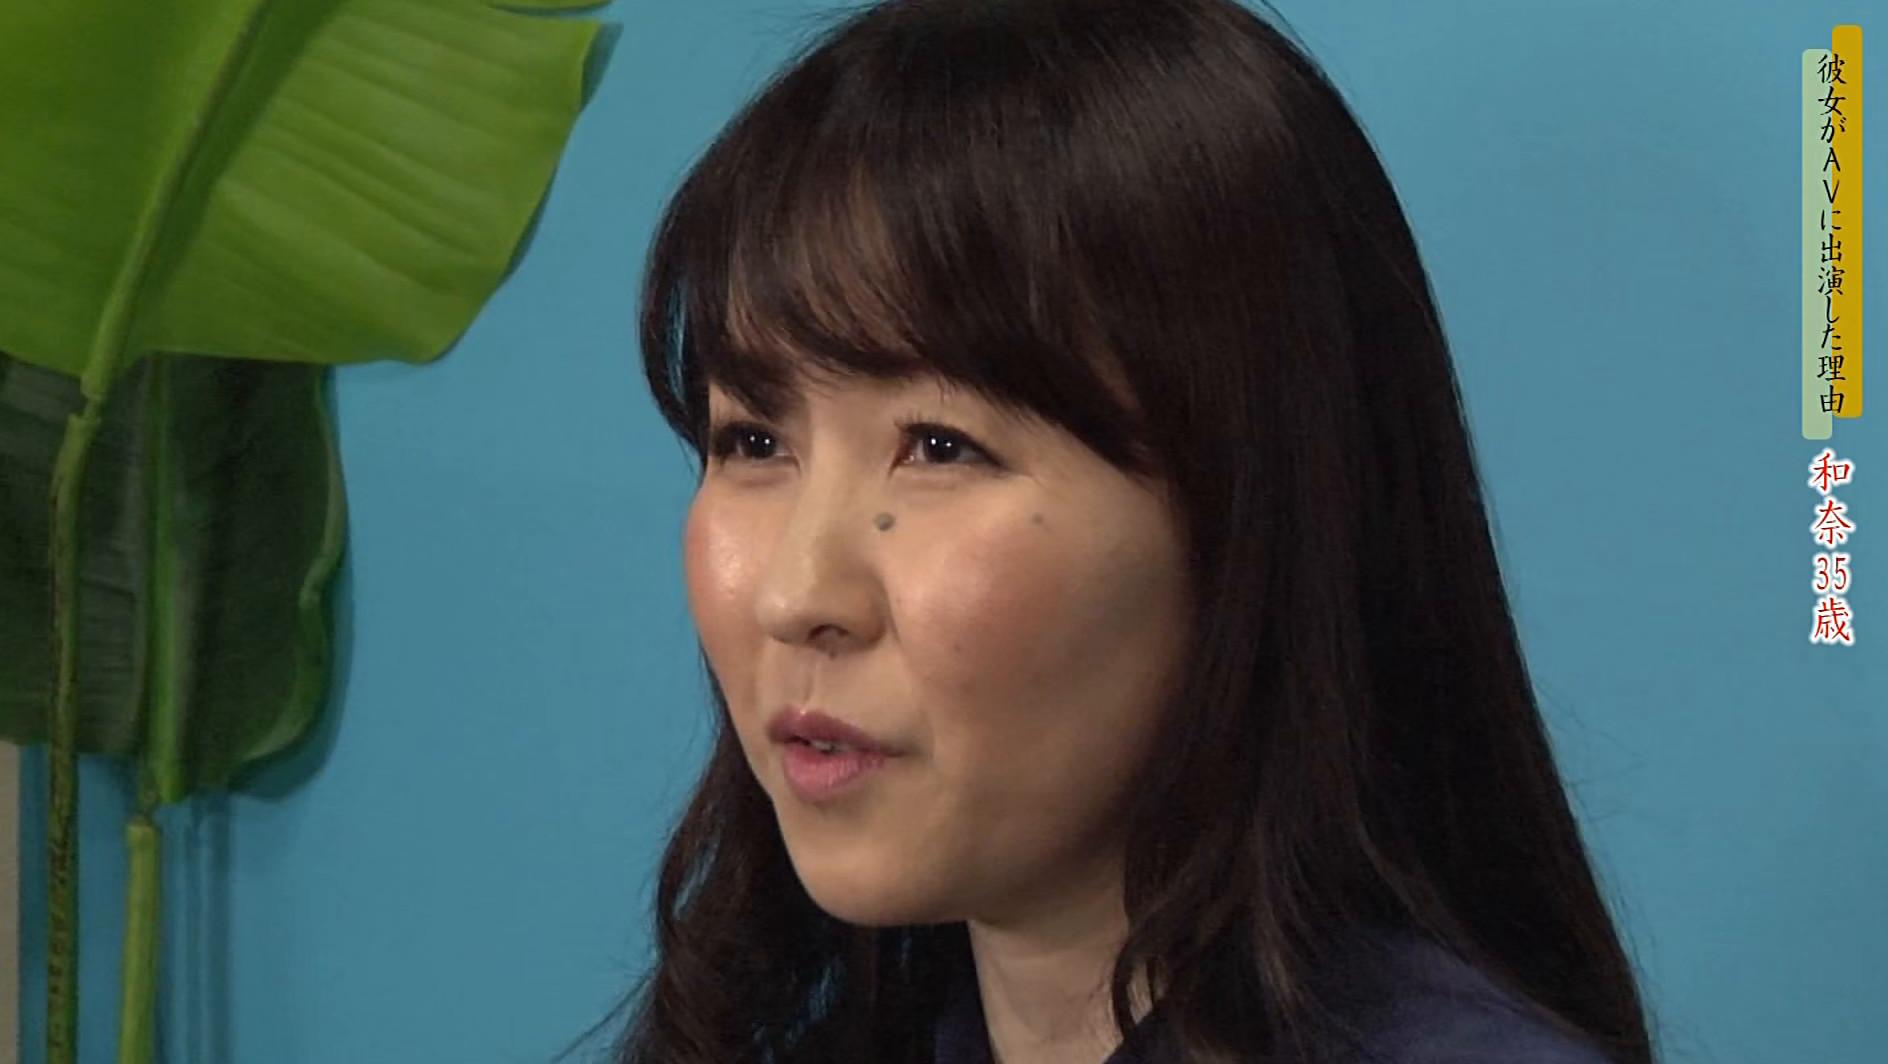 訳あり熟女の初撮りAVに完全密着(2)~複数プレイがしてみたい・和奈さん(35歳)&SEXが好きすぎて・百合さん(40歳) 画像1